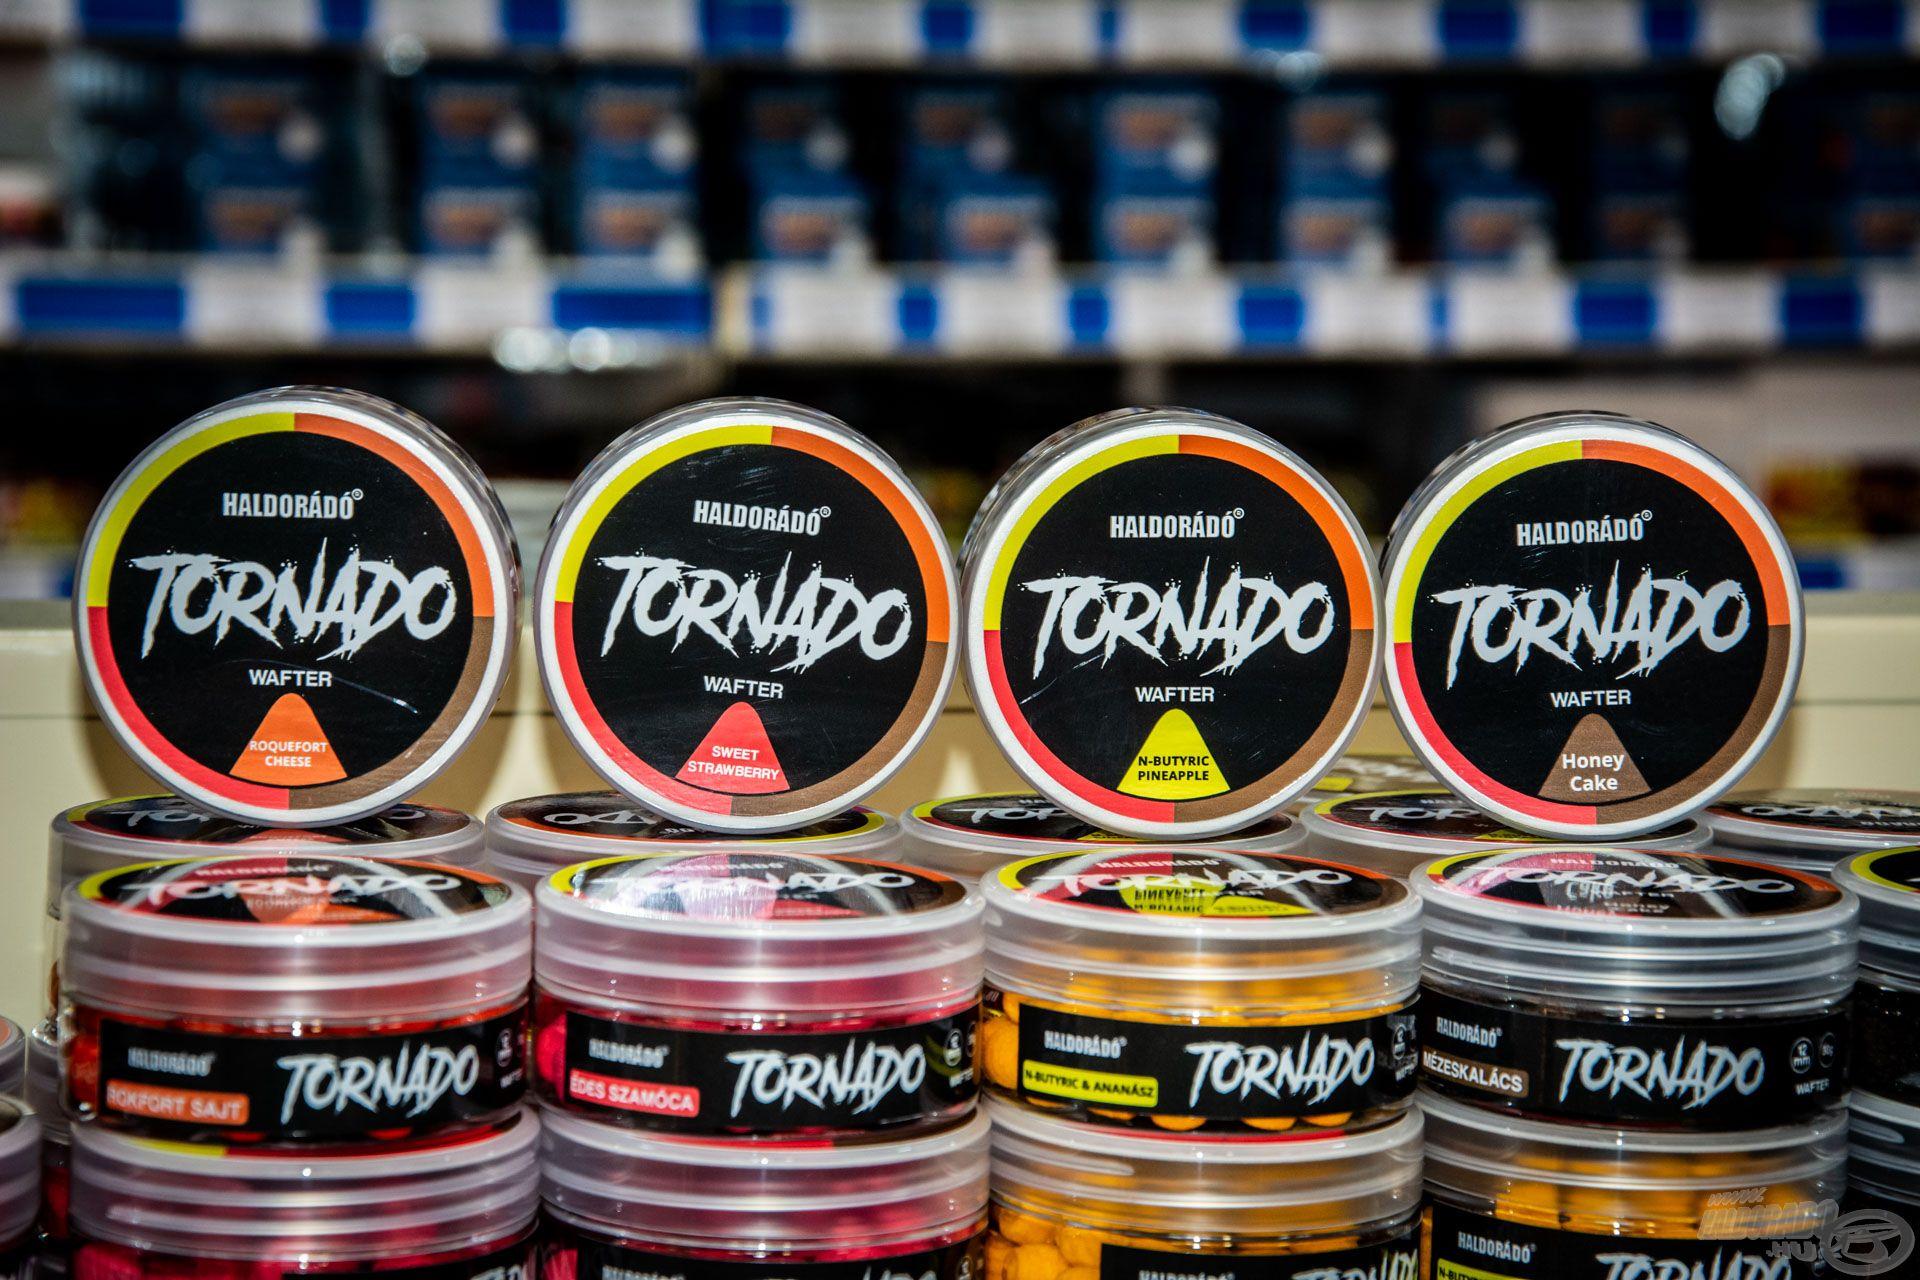 Szerintünk a hétvége egyik legnagyobb érdeklődésre számot tartó terméke a Tornado Wafter lesz